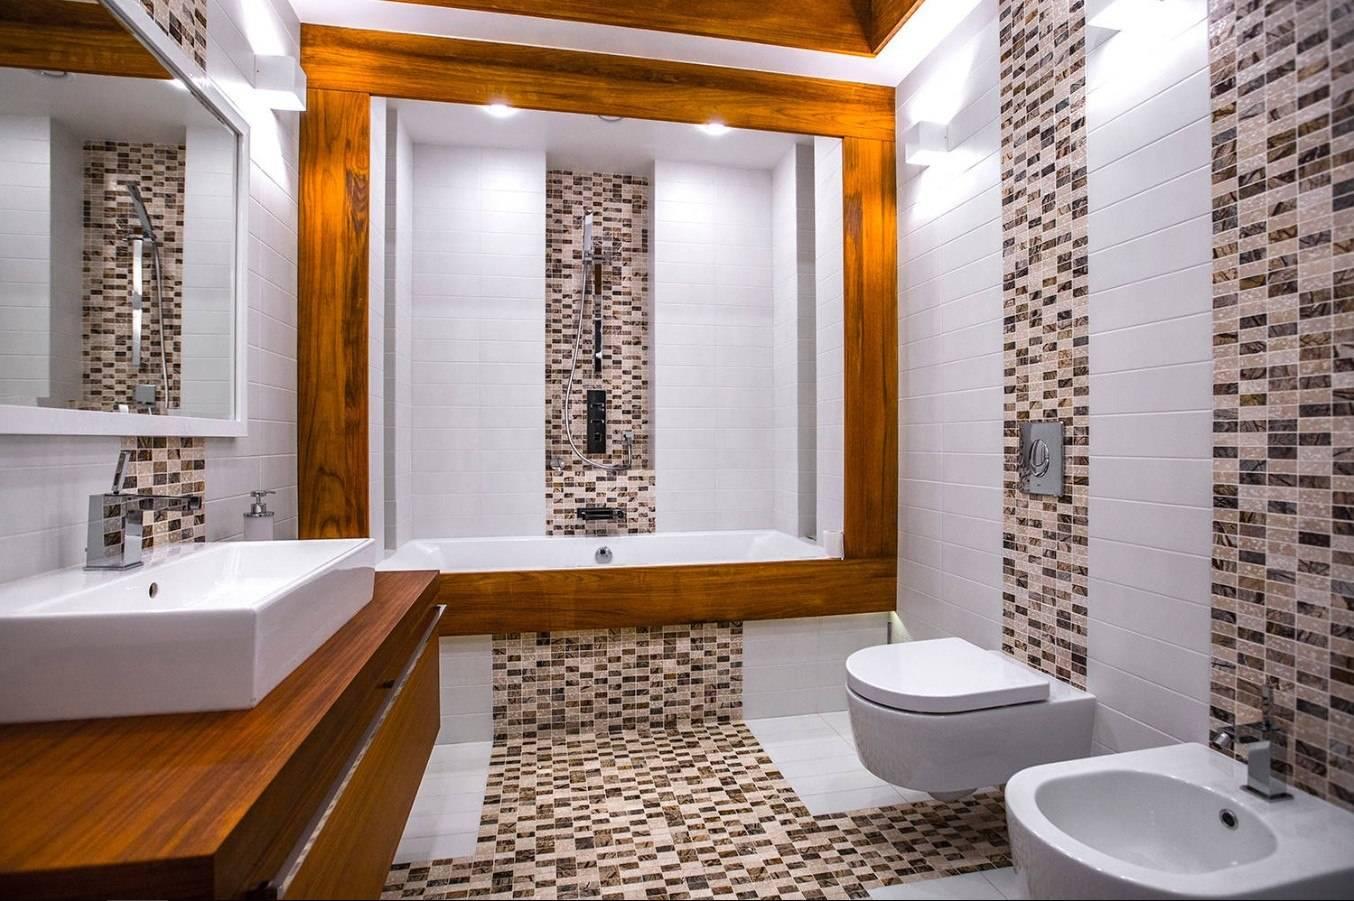 Фото дизайнов ванной комнаты с отделкой пластиковыми панелями, плиткой и мозаикой.